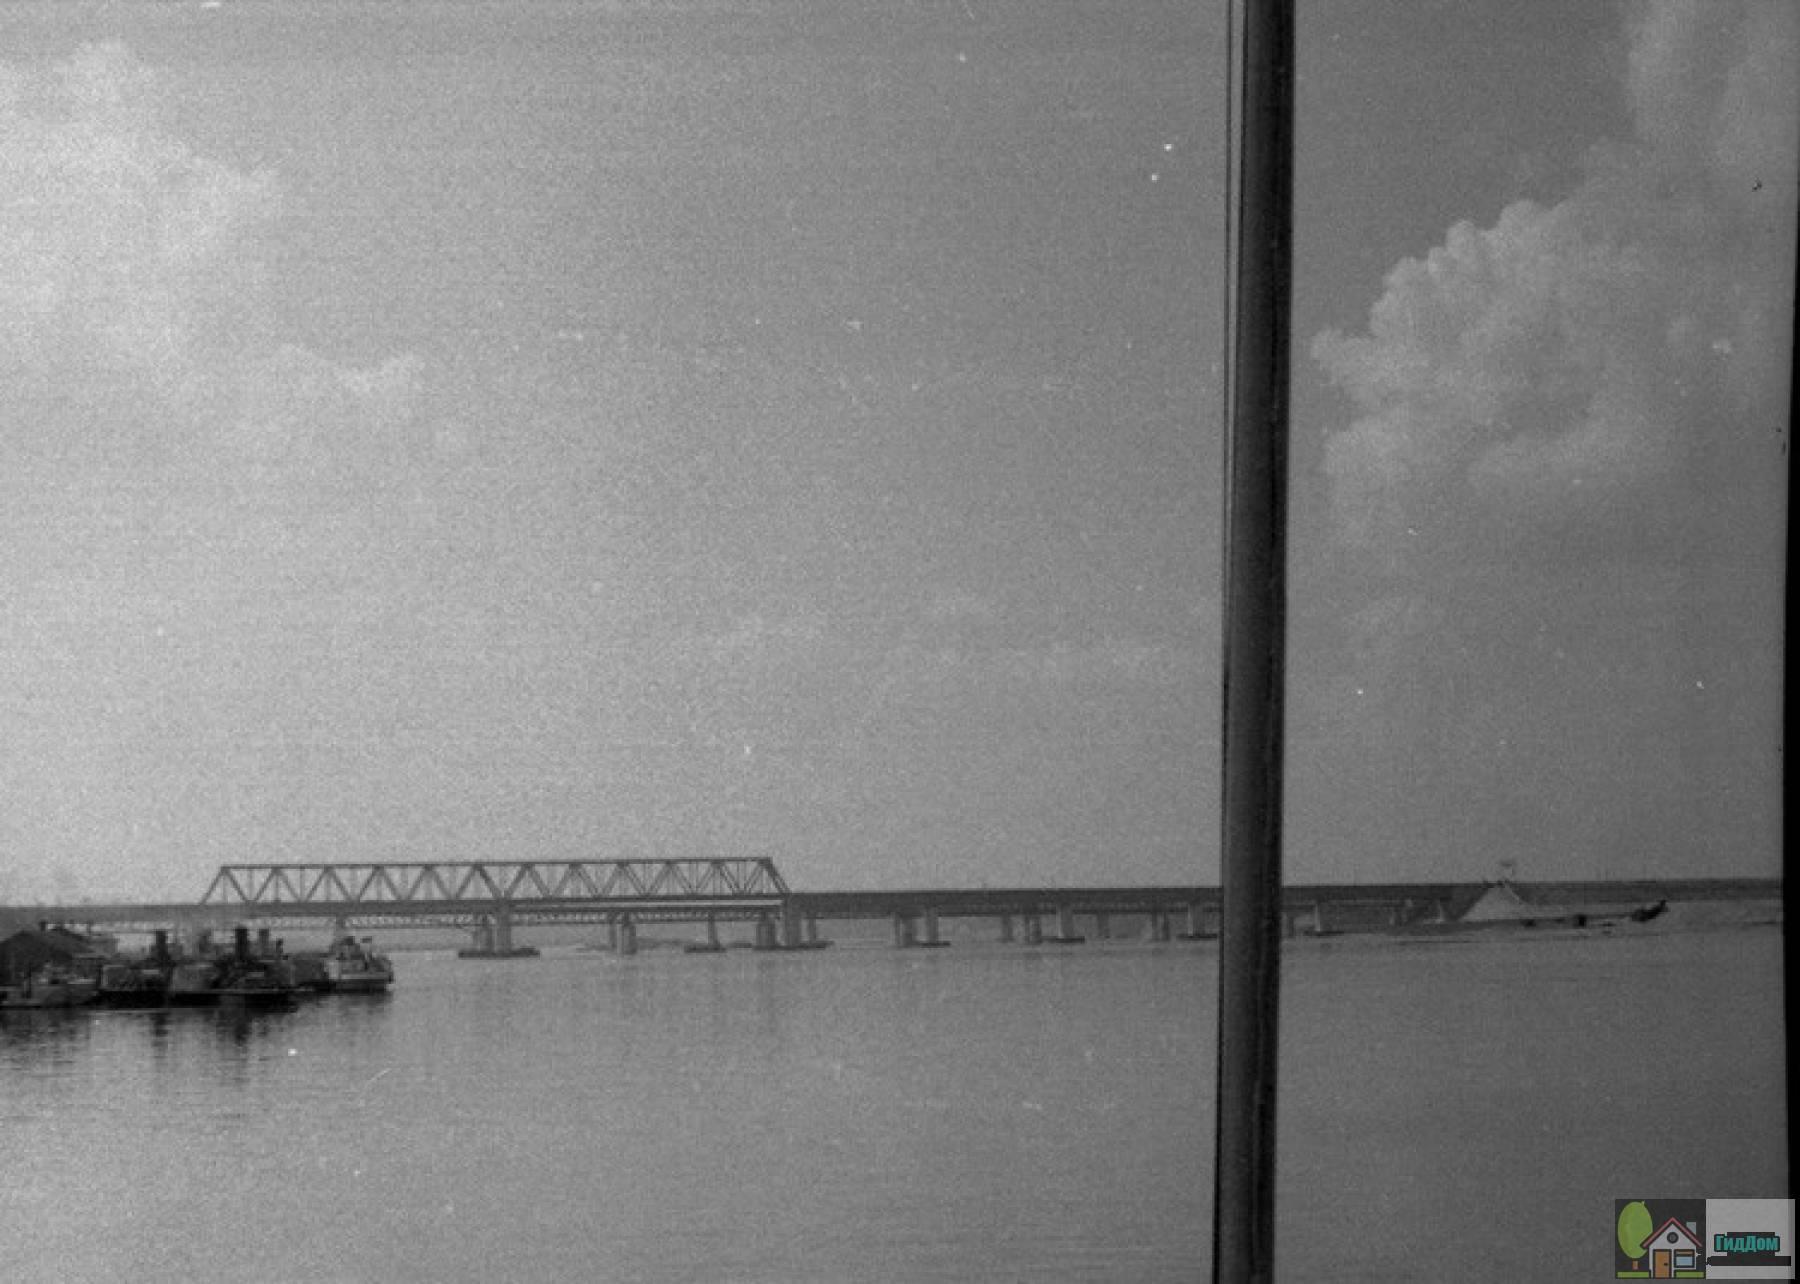 Щуровский железнодорожный мост в 1950-е годы